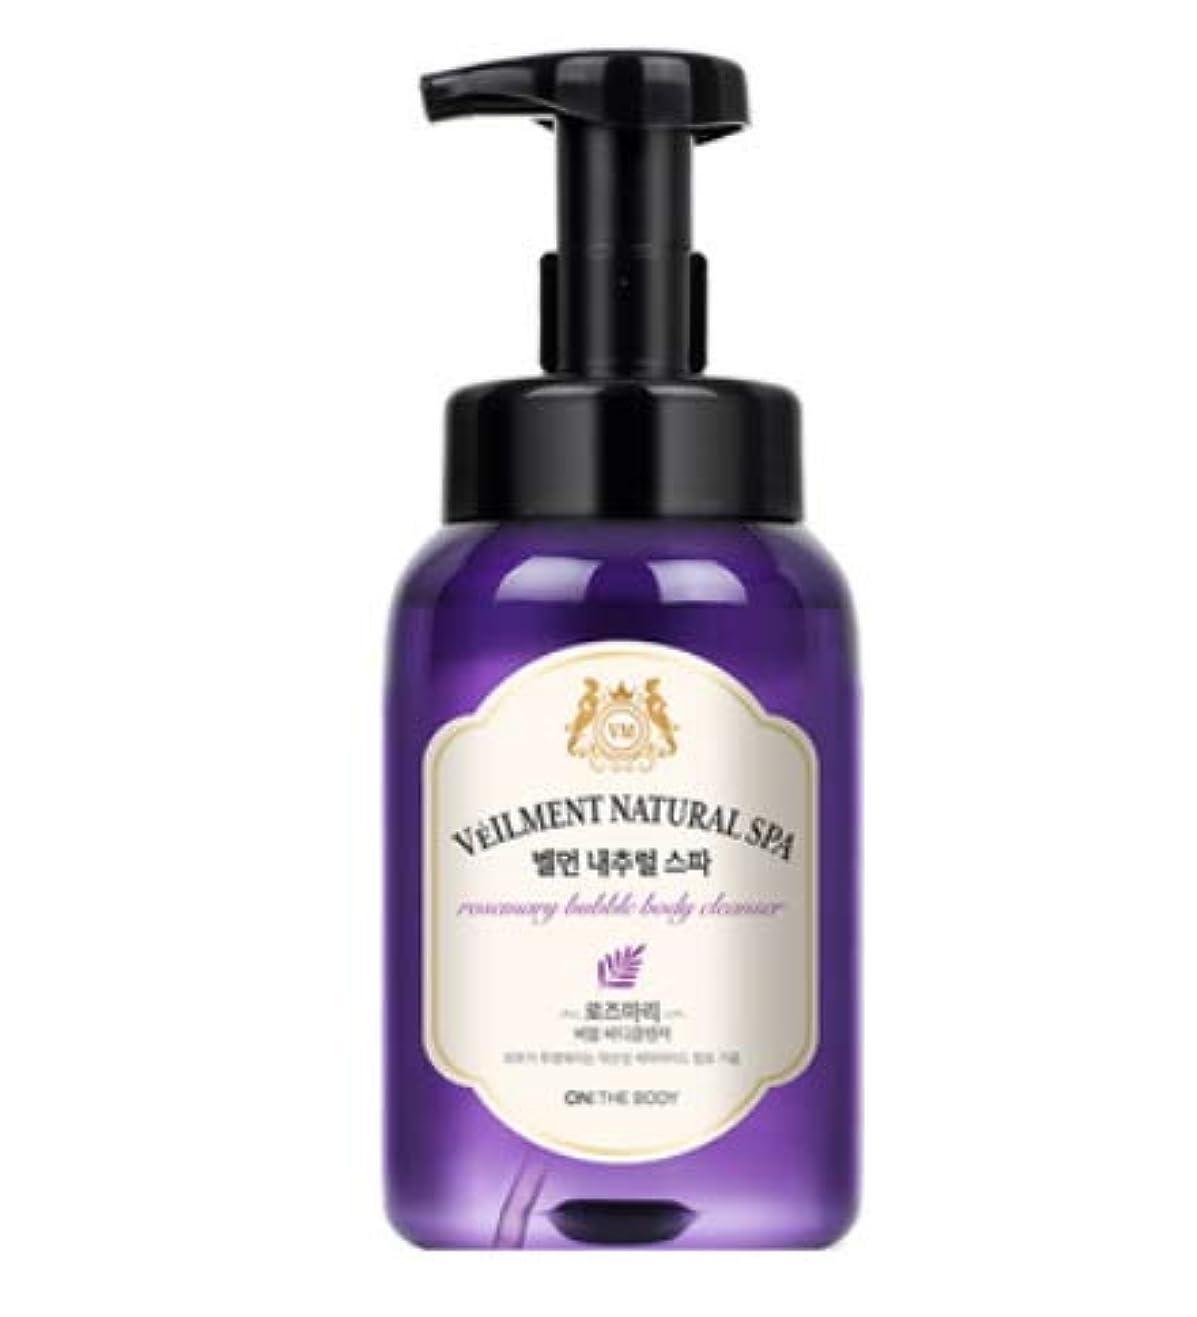 悪魔膜簿記係[LG HnB] On the Body Belman Natural Spa Bubble Body Cleanser/オンザボディベルモンナチュラルスパバブルボディクレンザー 500ml x1個(海外直送品)